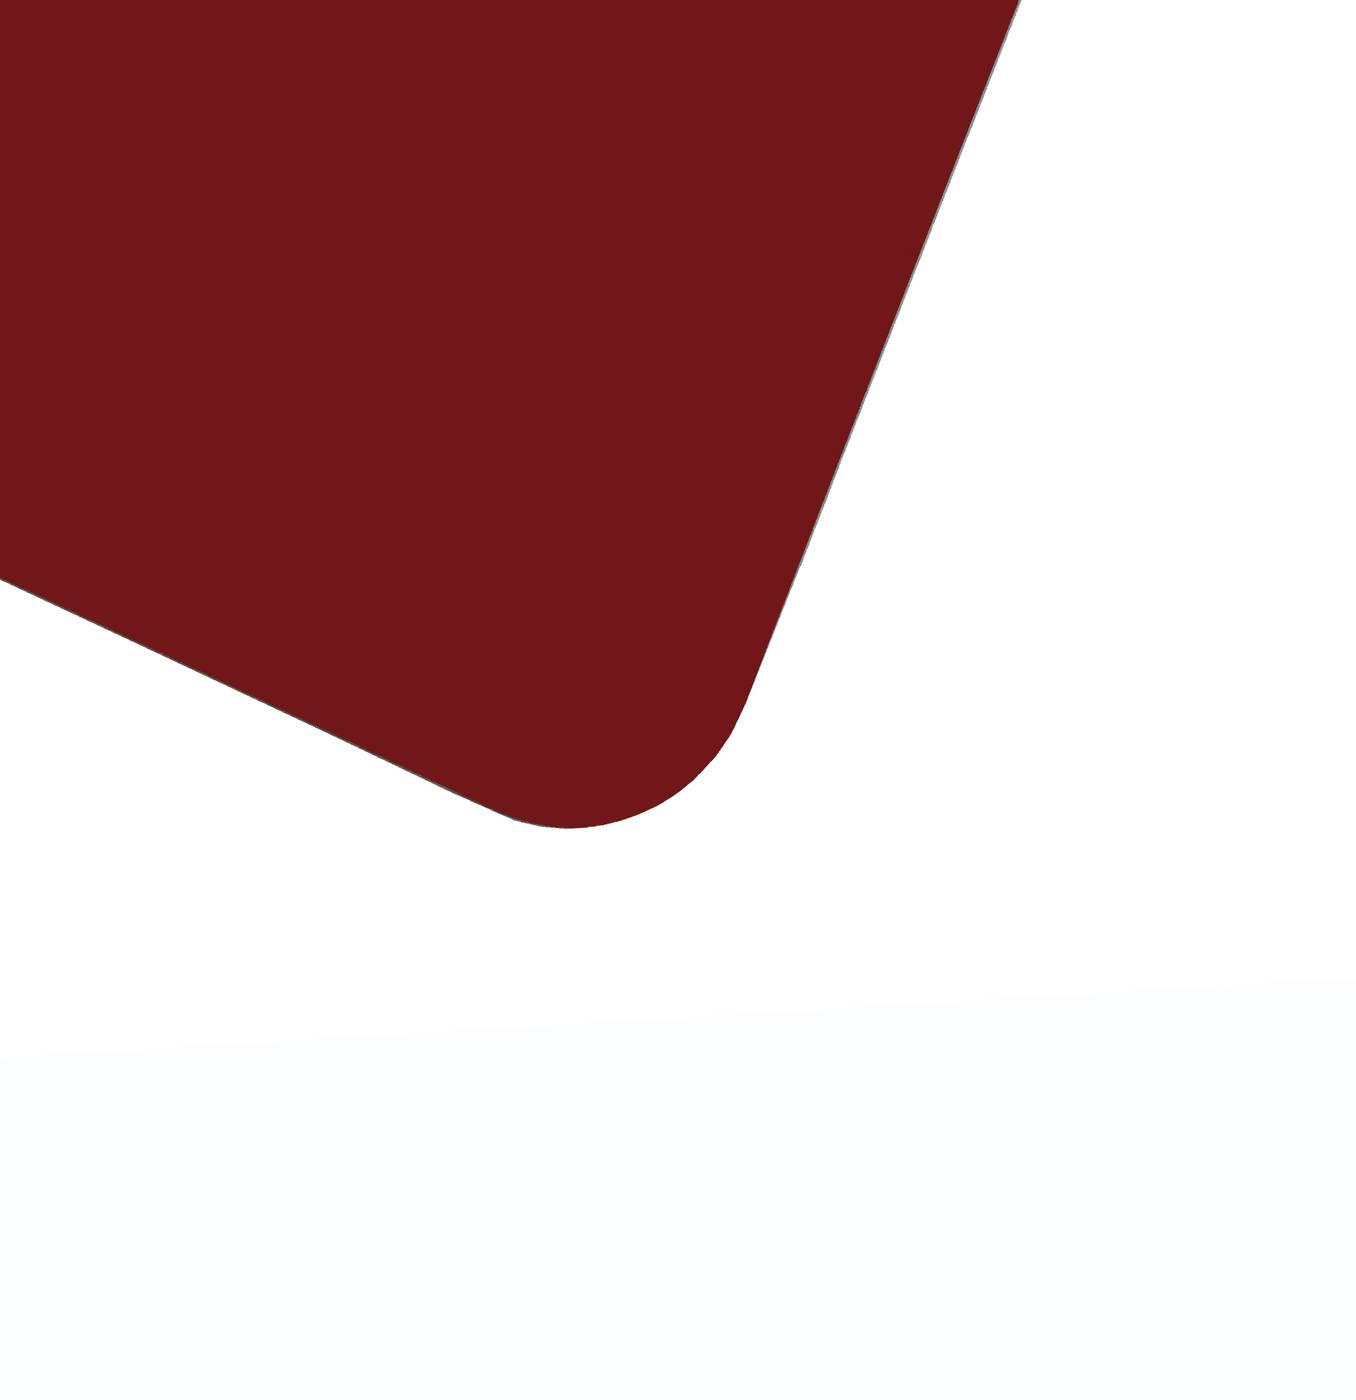 Планшет для пленэра из оргстекла 3 мм, под лист размера 40х60 см, цвет бородовый фото